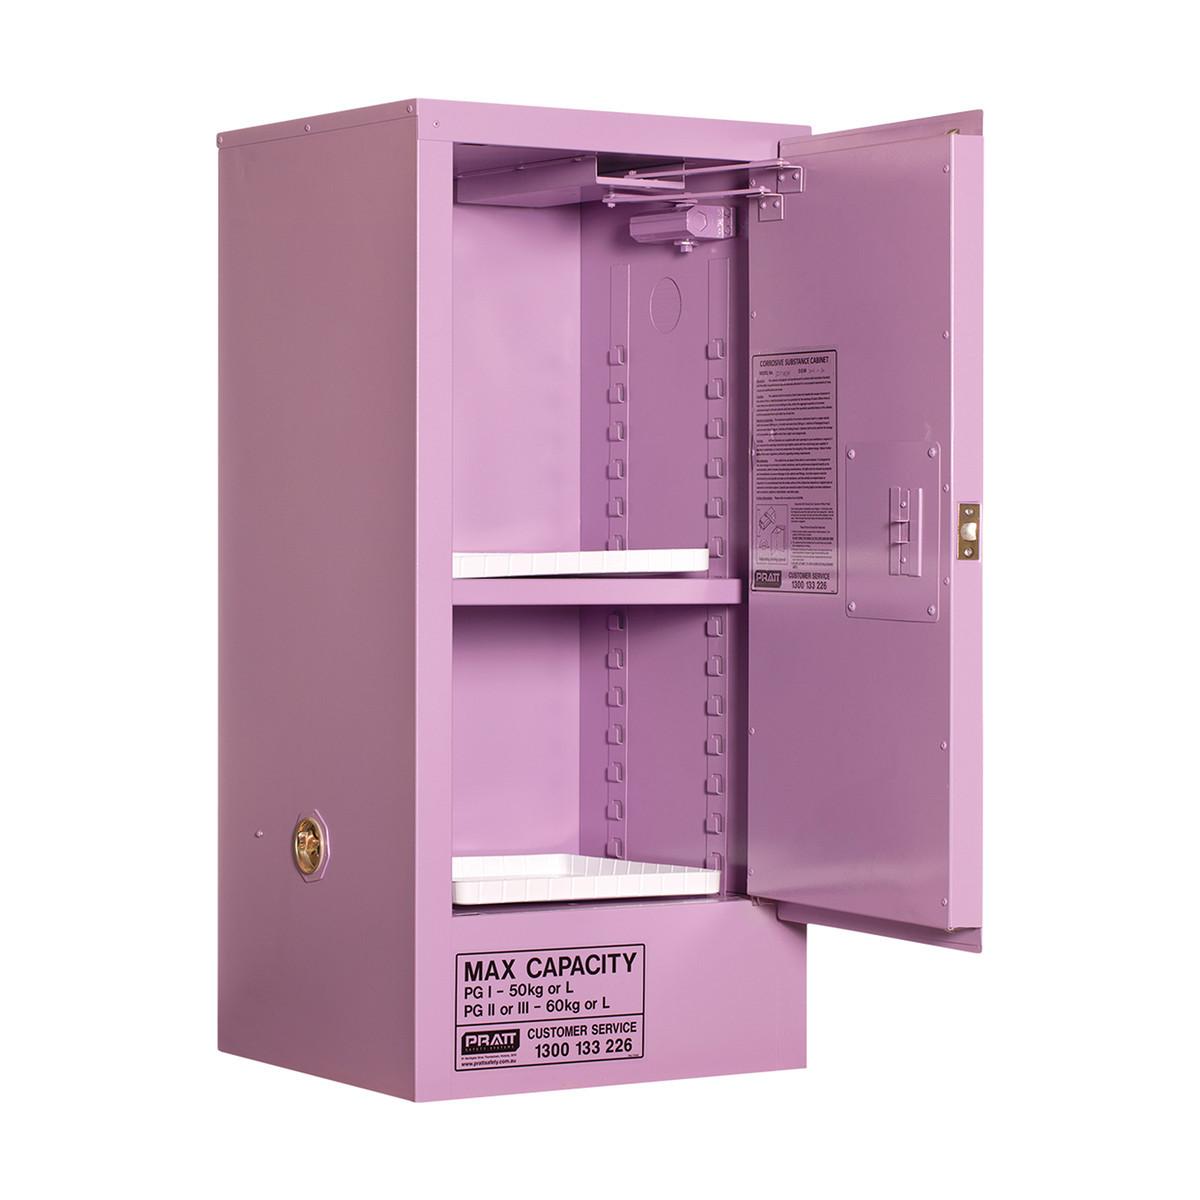 Corrosive Storage Cabinet 60 Liters - 1 Door, 2 Shelf